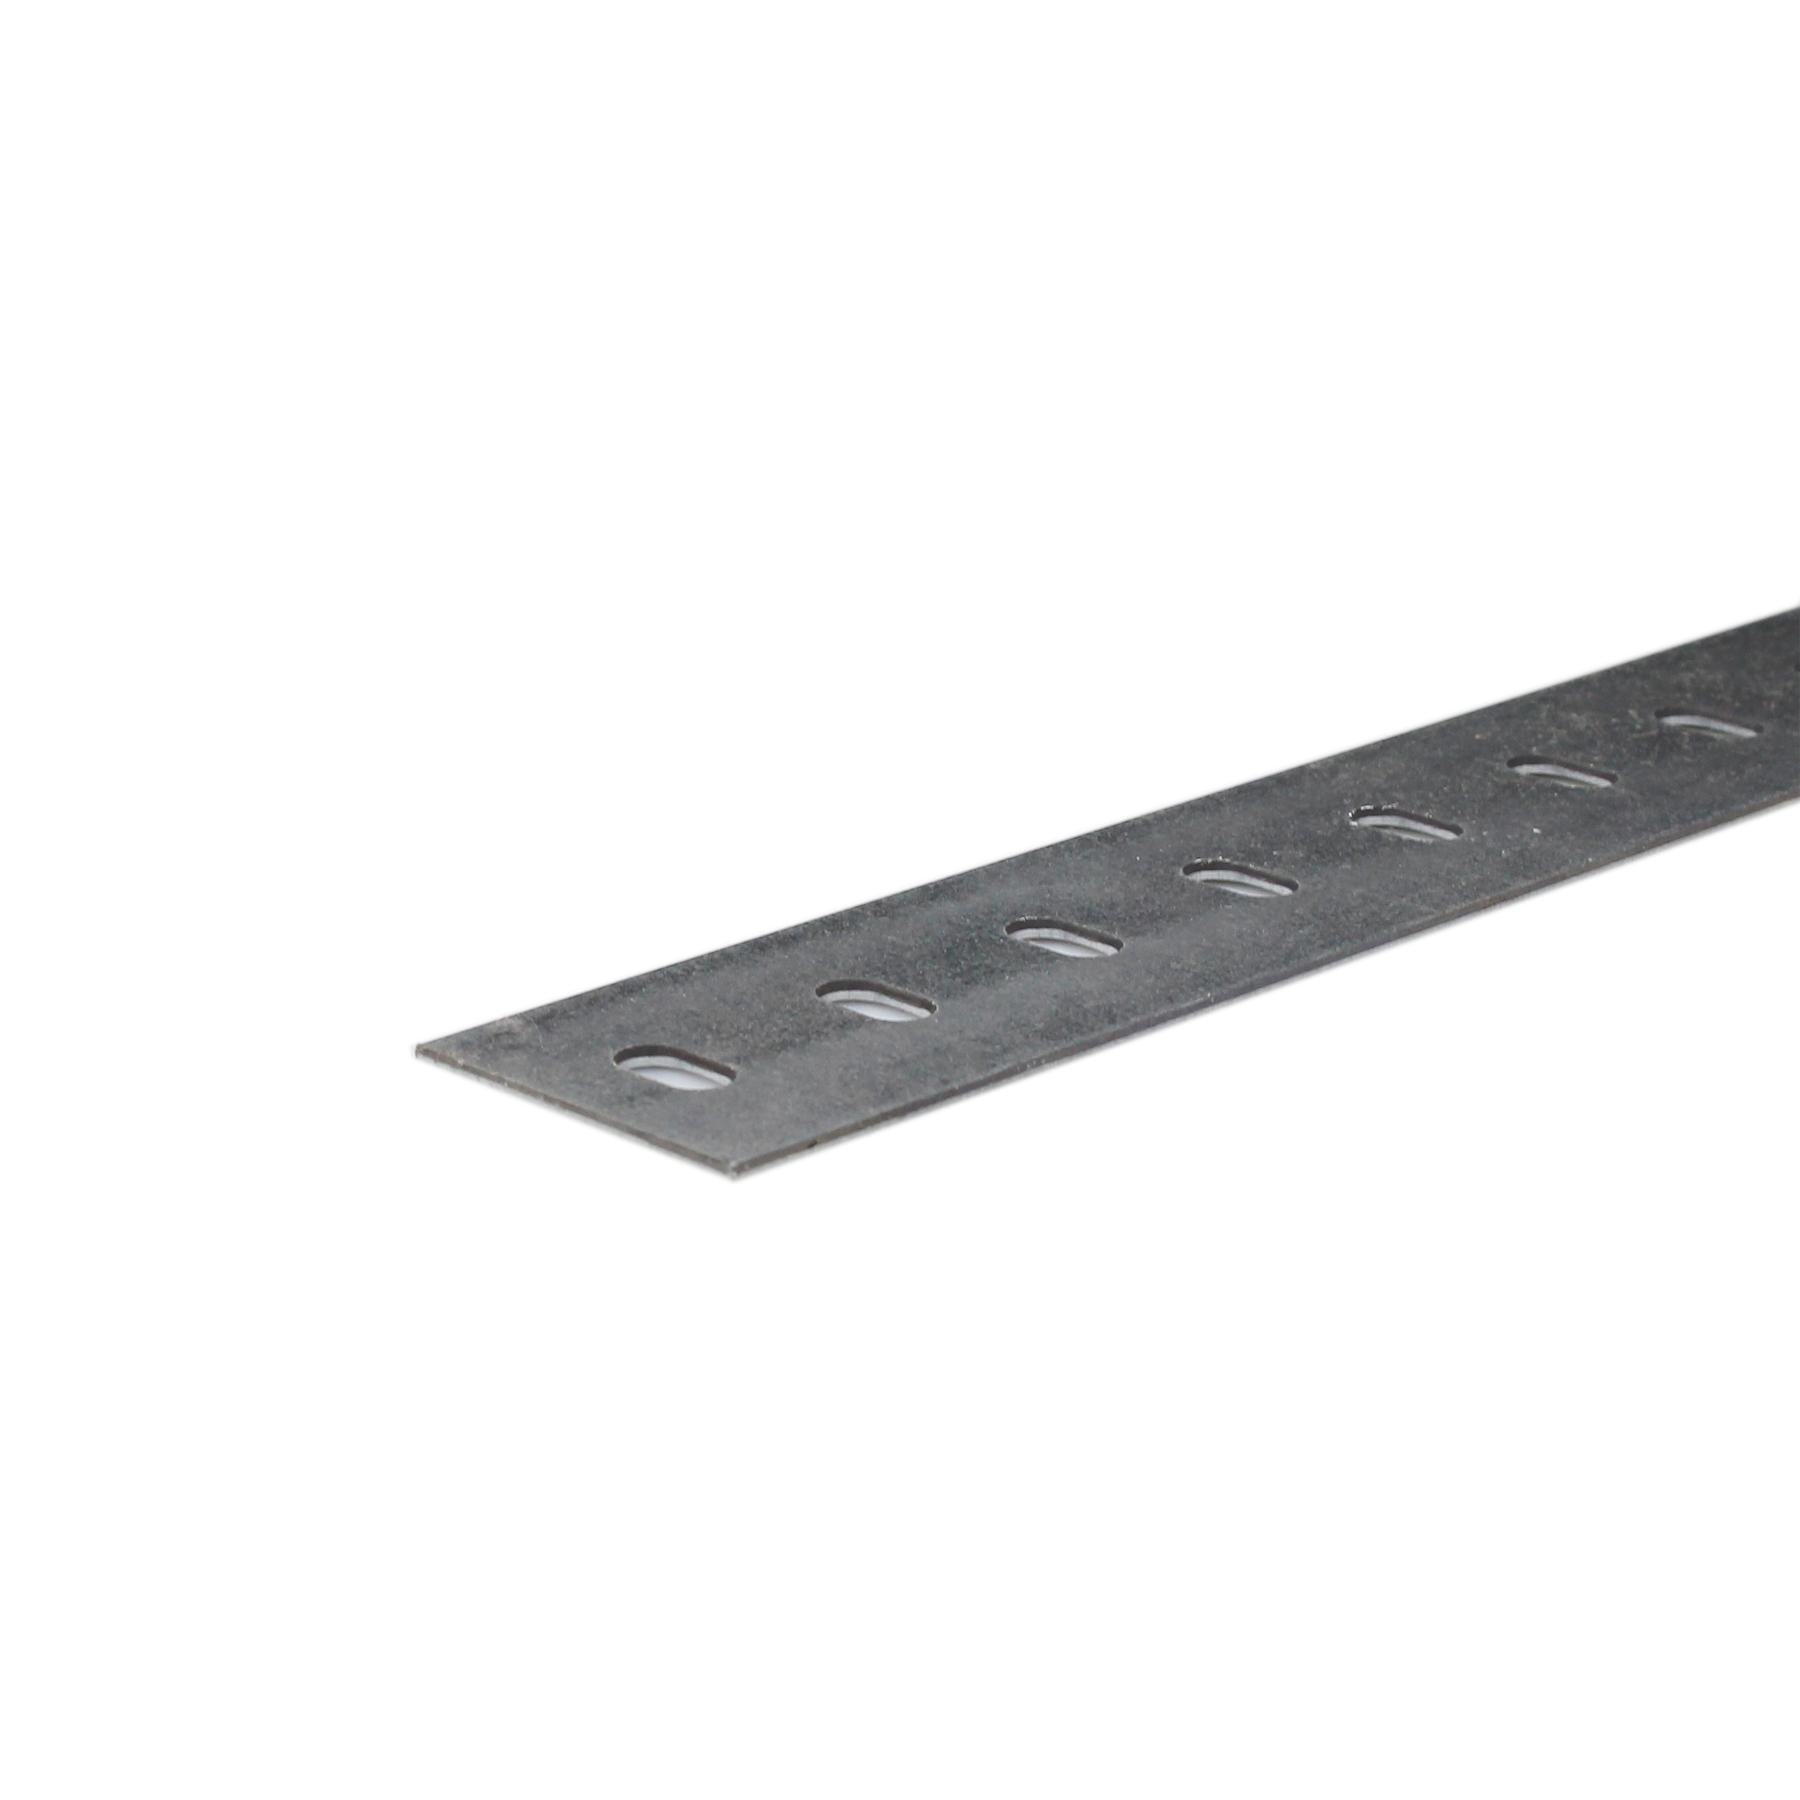 Perfil Prateleira Aço Galvanizado 1mx4cm